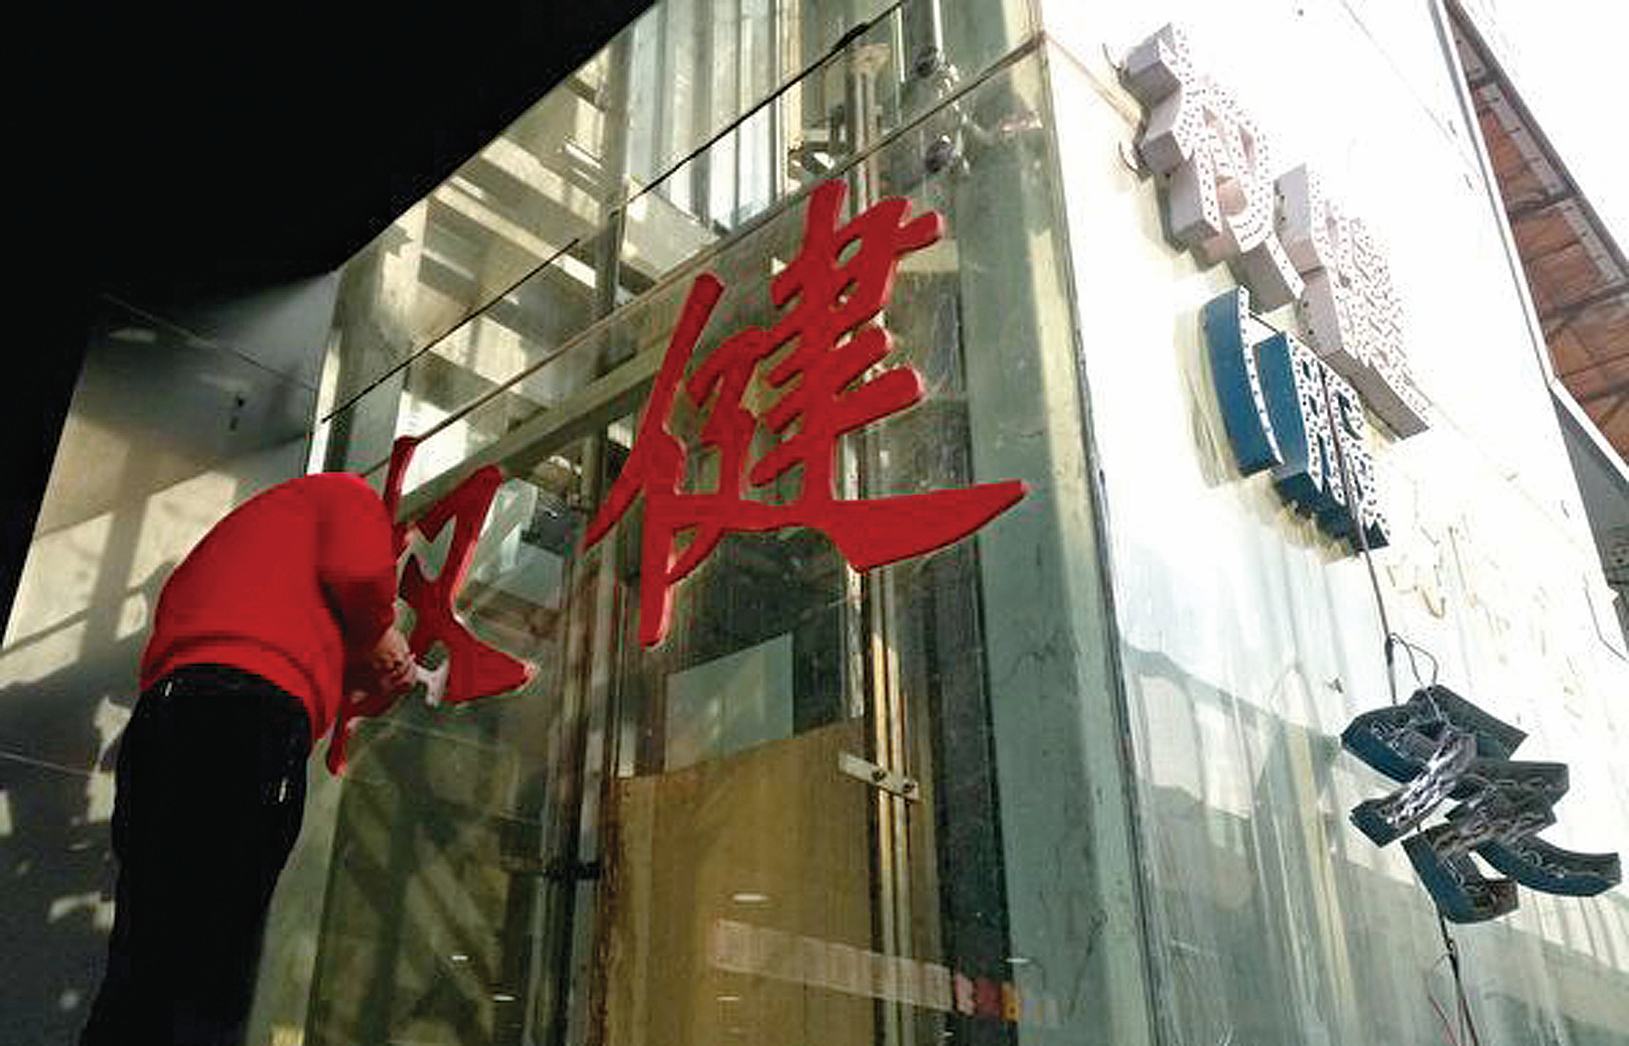 天津權健集團近期深陷輿論漩渦。圖為12月29日陸媒探訪權健鄭州分公司,發現大門緊閉空無一人。(大紀元資料室)